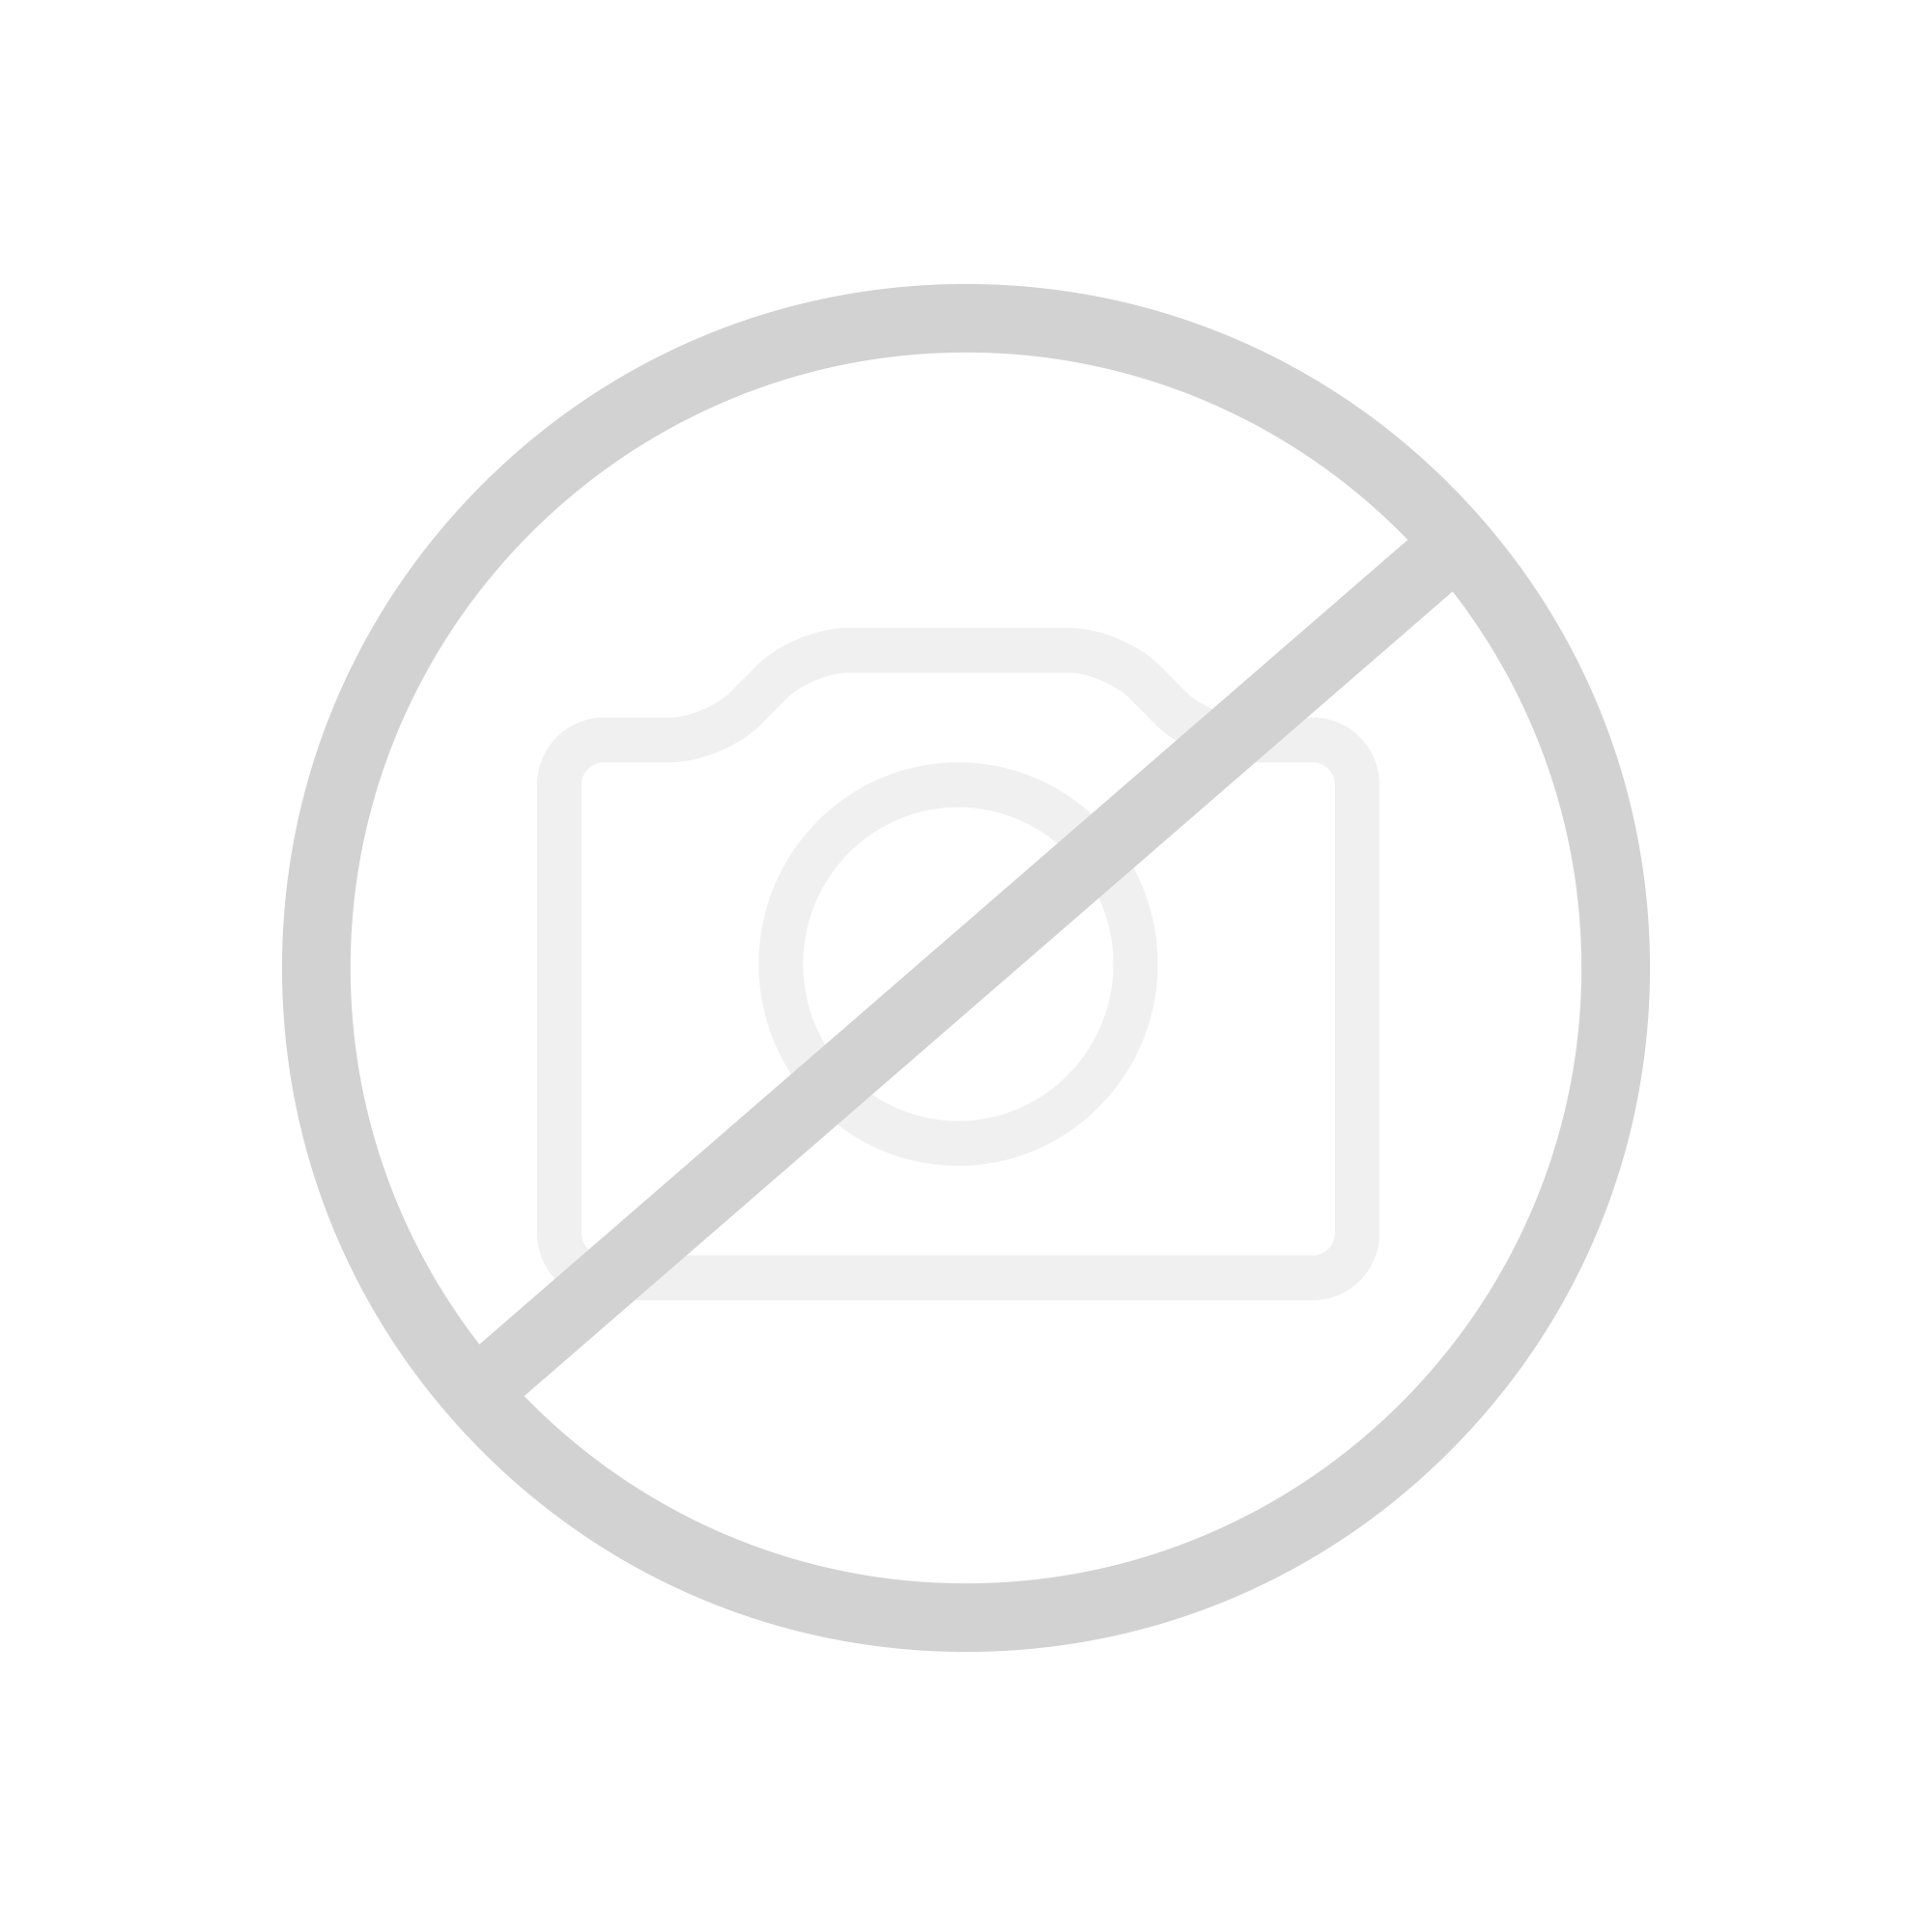 Badewannen armaturen aufputz  Brausearmaturen: Aufputz, Unterputz, Thermostat bei REUTER